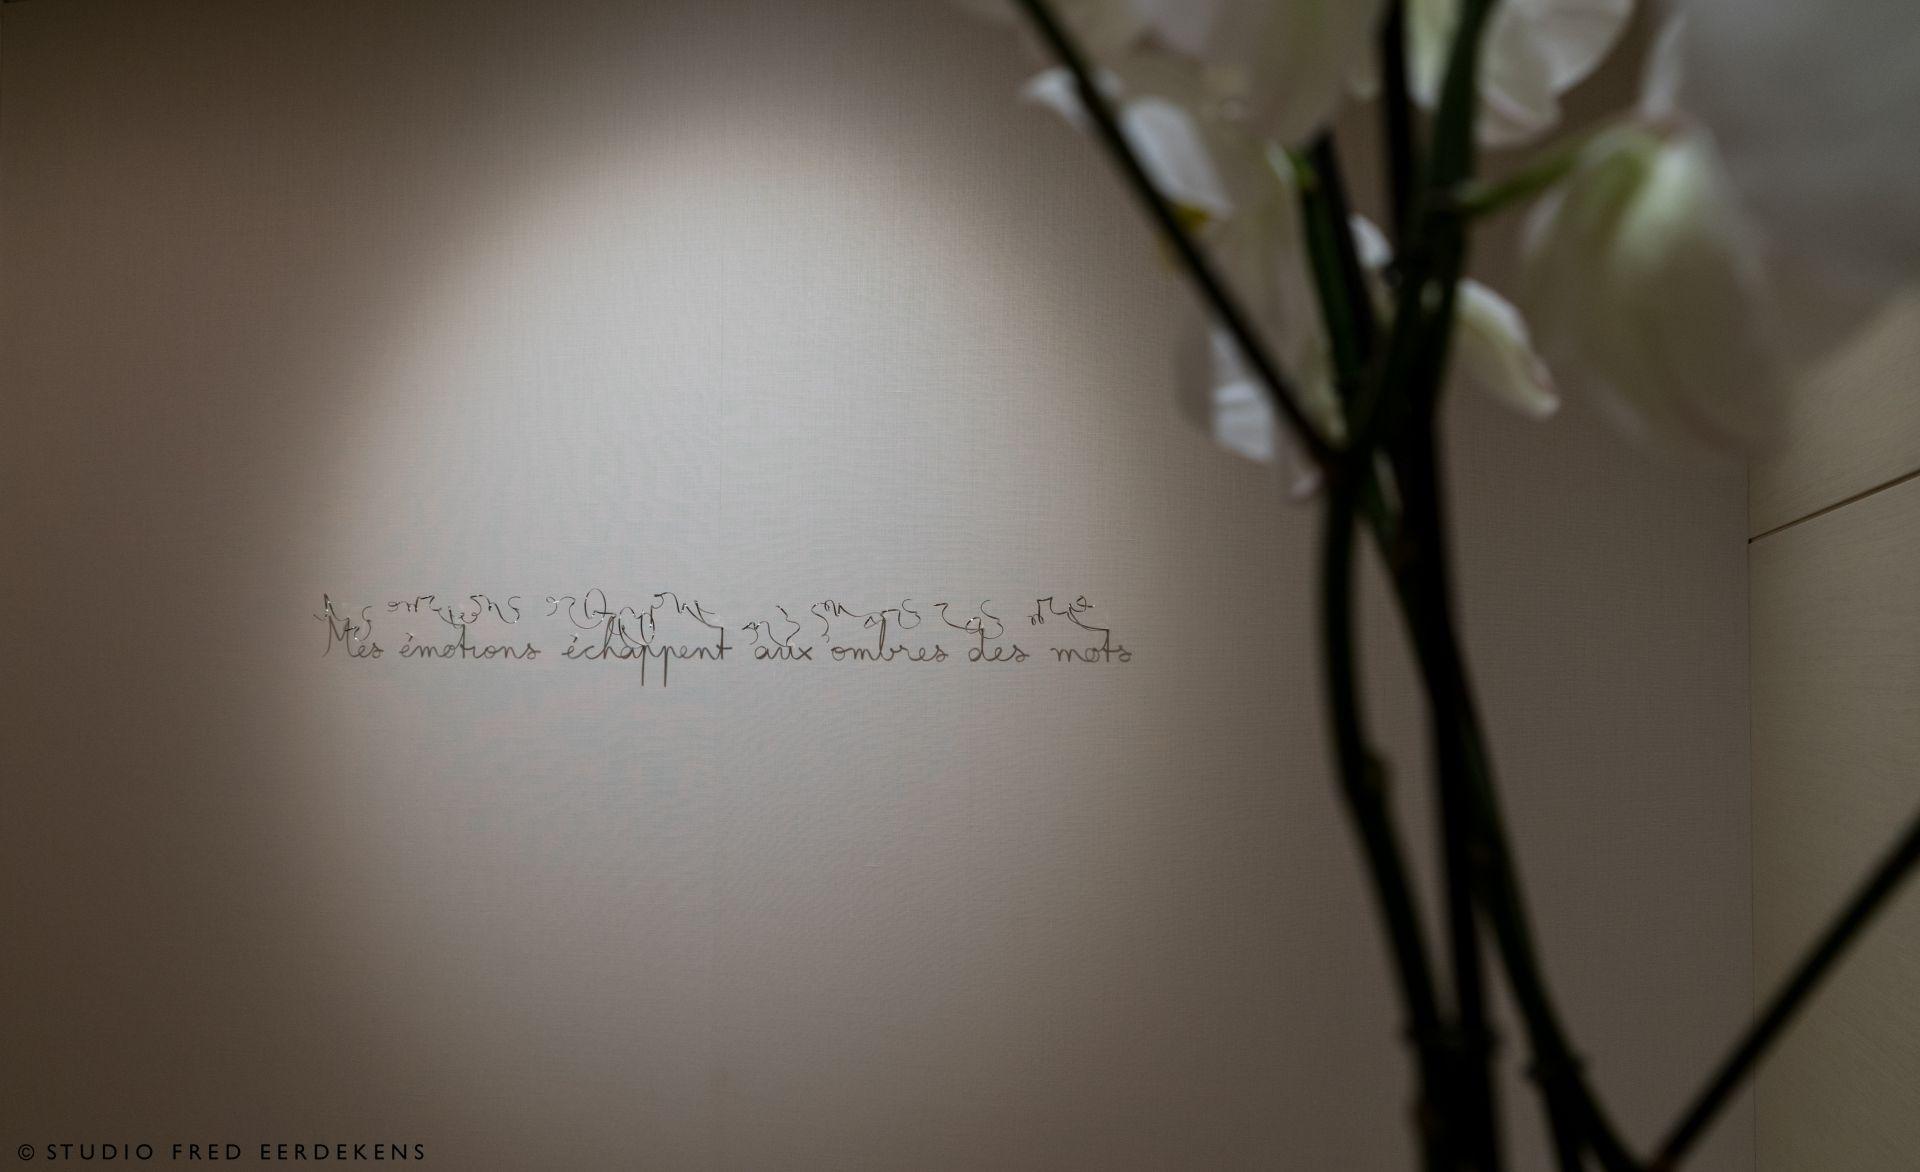 """Mes émotions échappent aux ombres des mots, 2018, Œuvre tirée des """"sentences"""""""